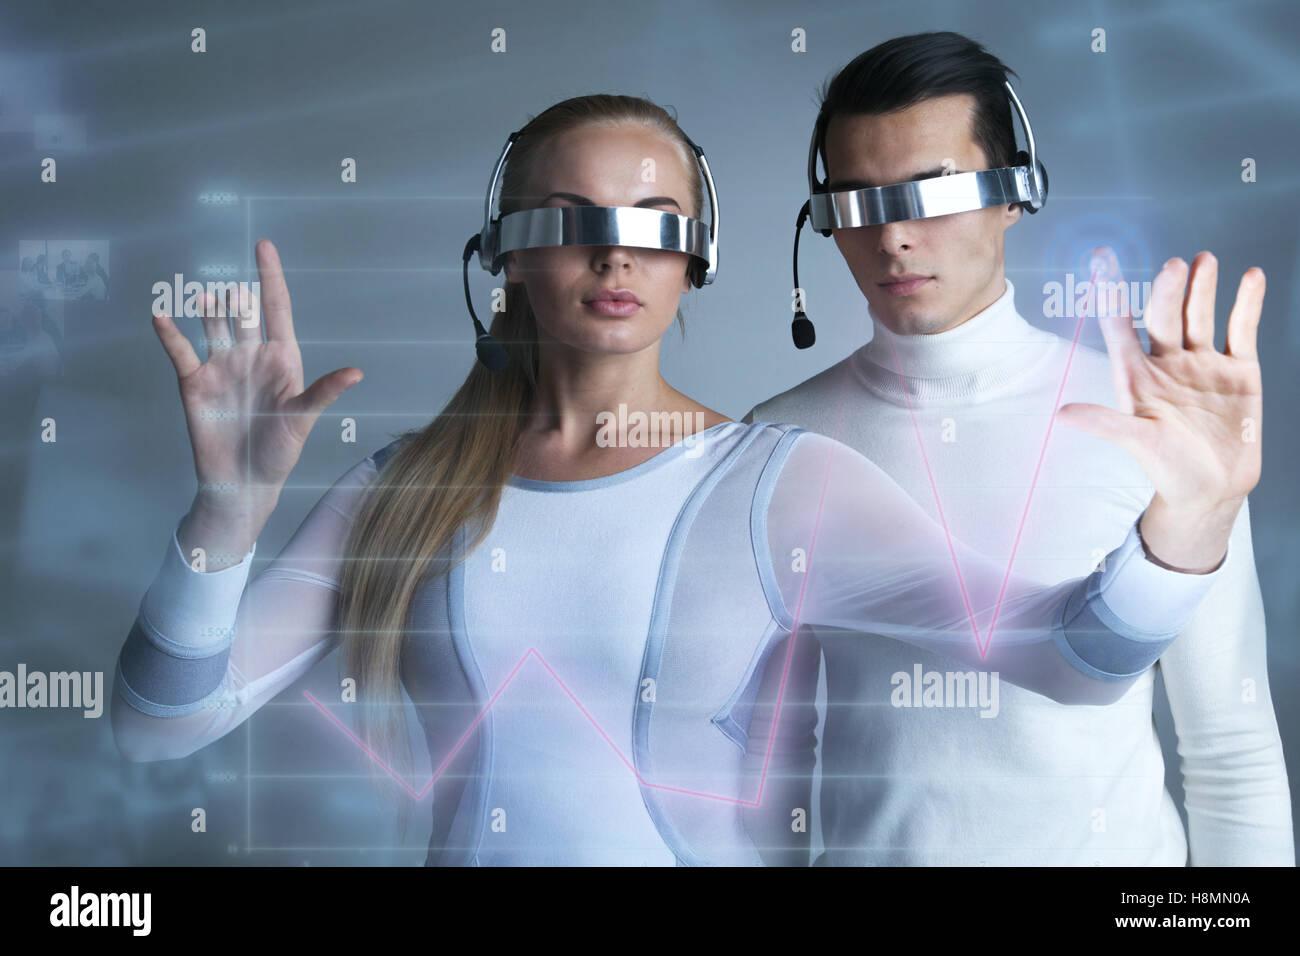 Menschen in Vr-Brille ein Diagramm zeigt Wachstum auf dem virtuellen Display zu berühren Stockbild